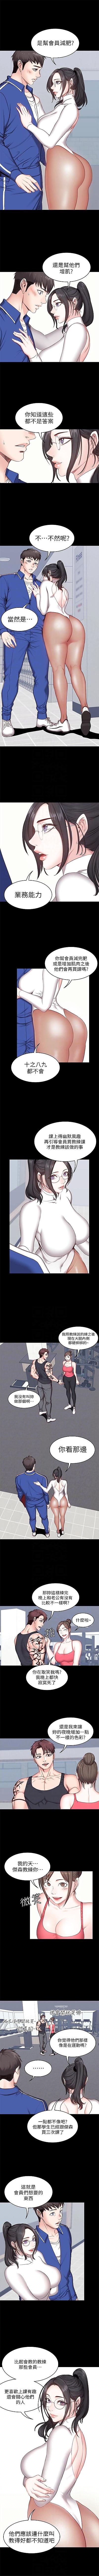 健身教练1-10 中文翻译 (更新中) - part 2